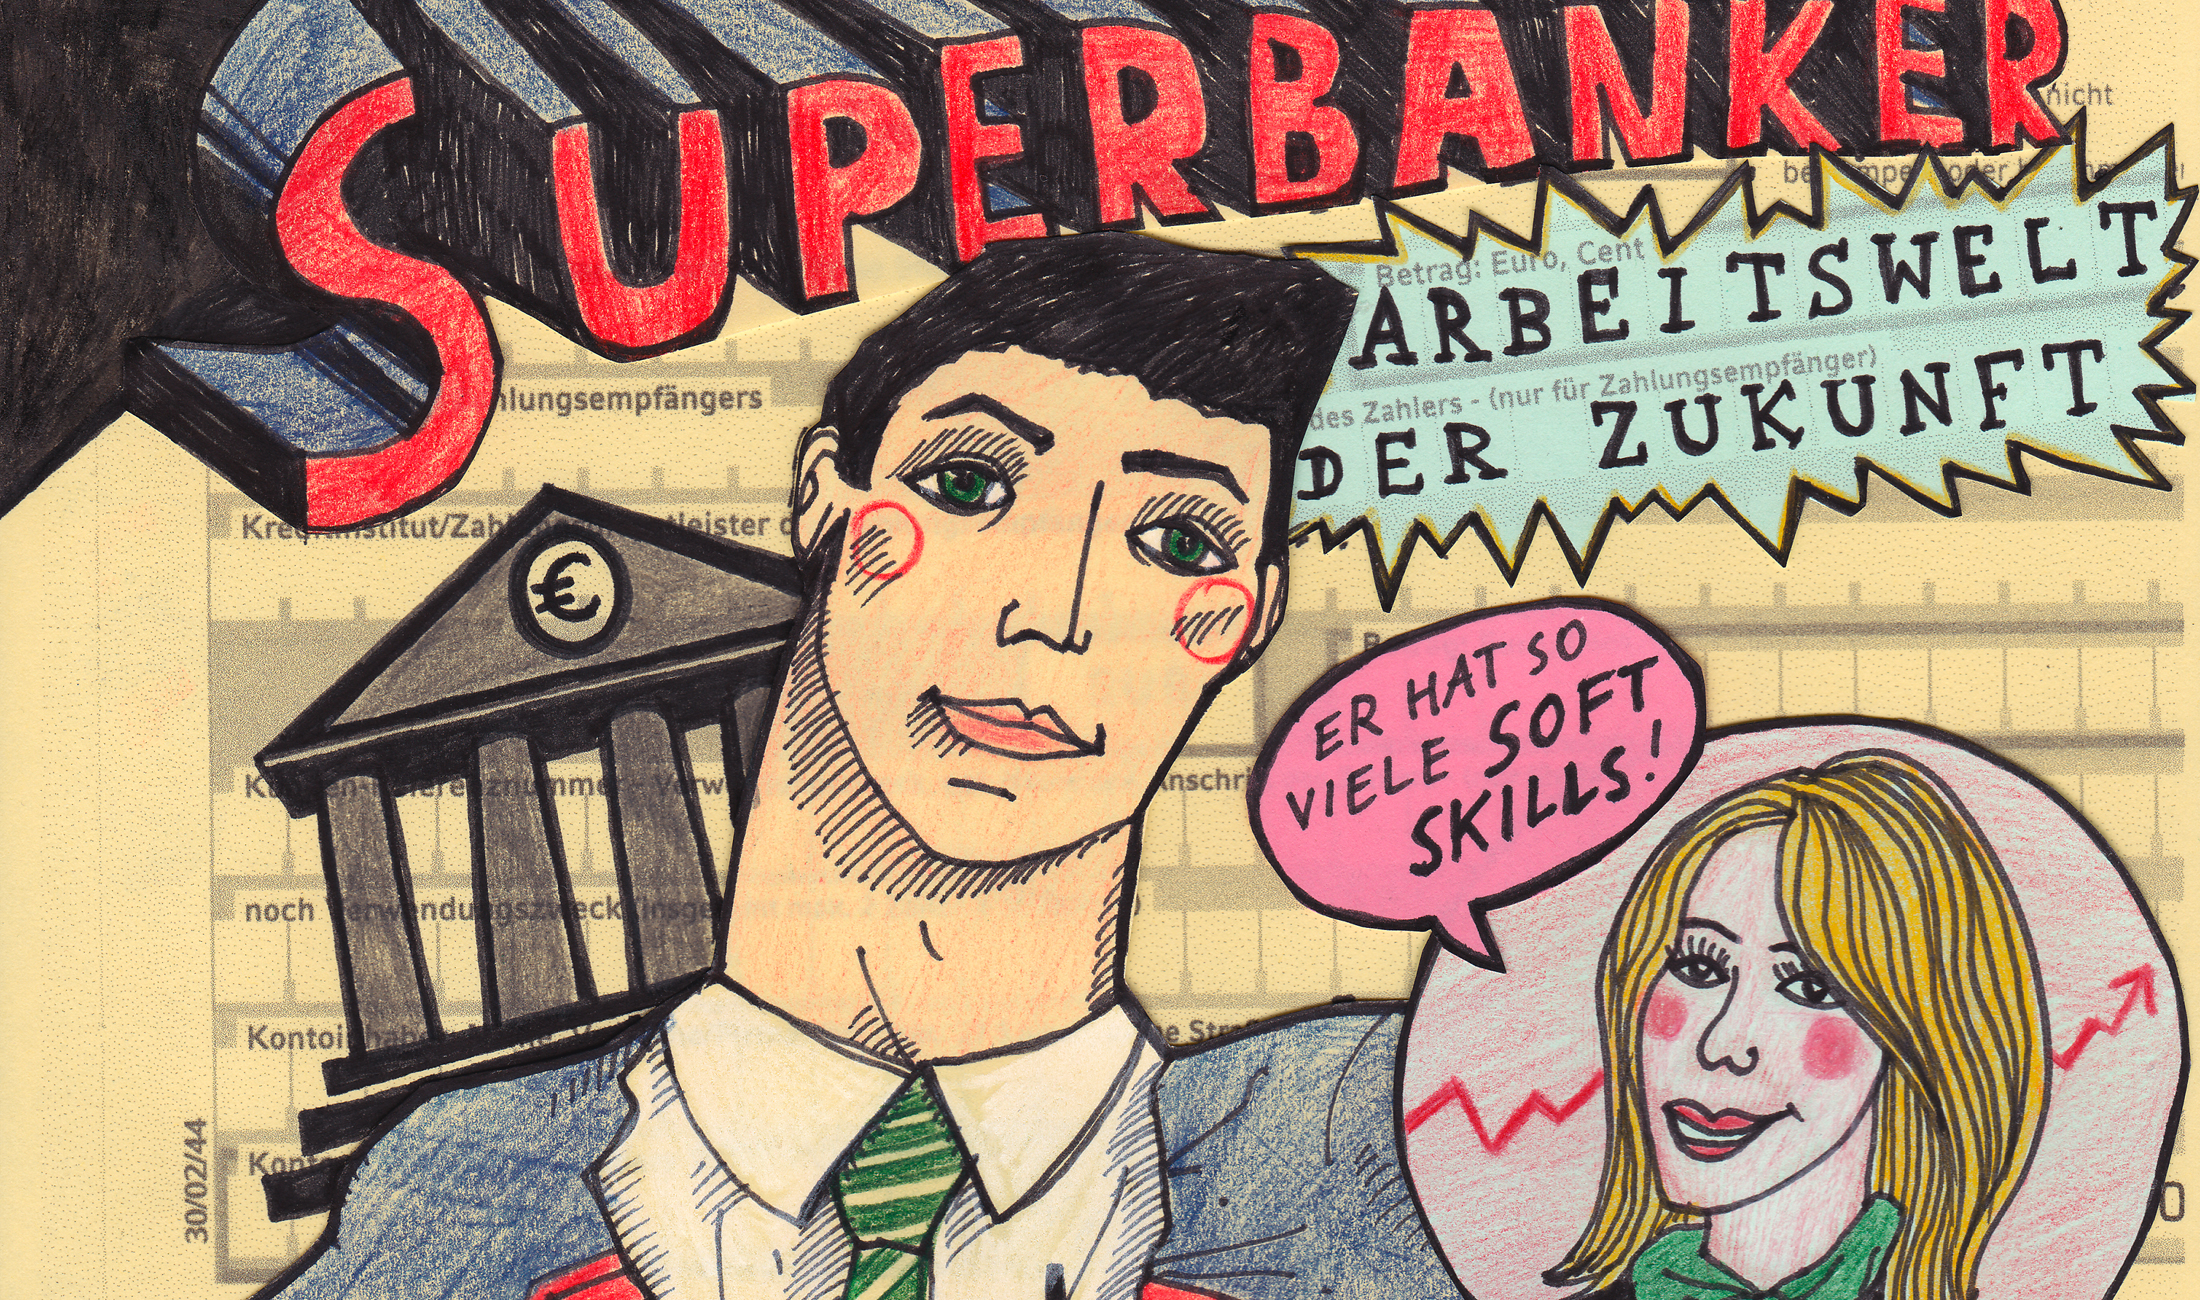 f_superbanker-1